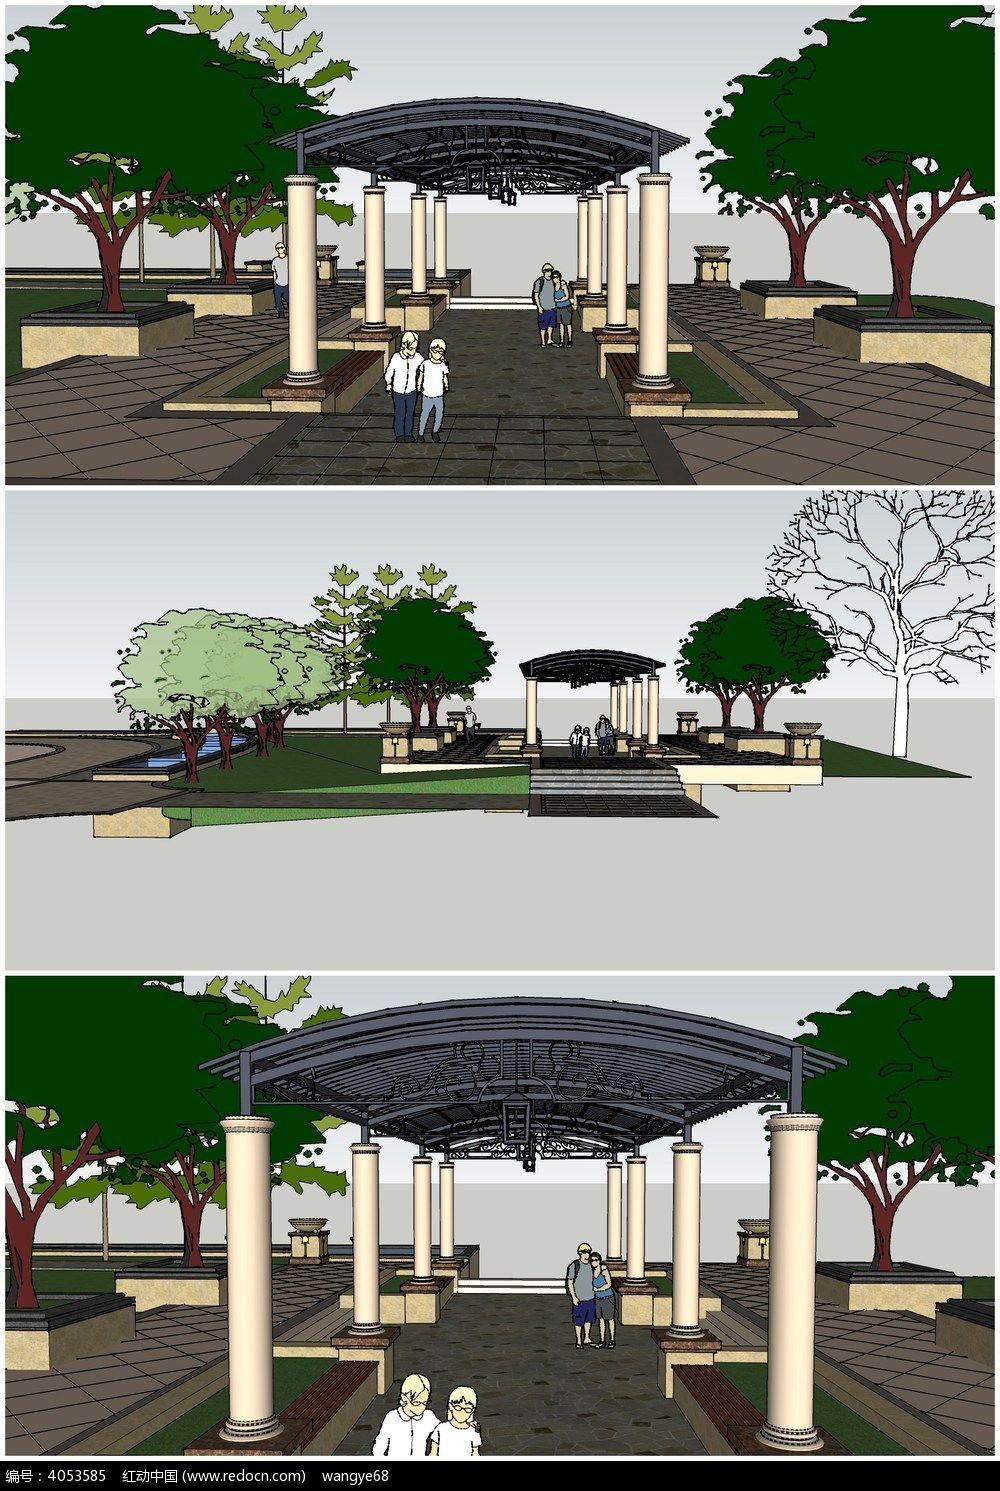 廊架花架 构筑 园林景观小品模型